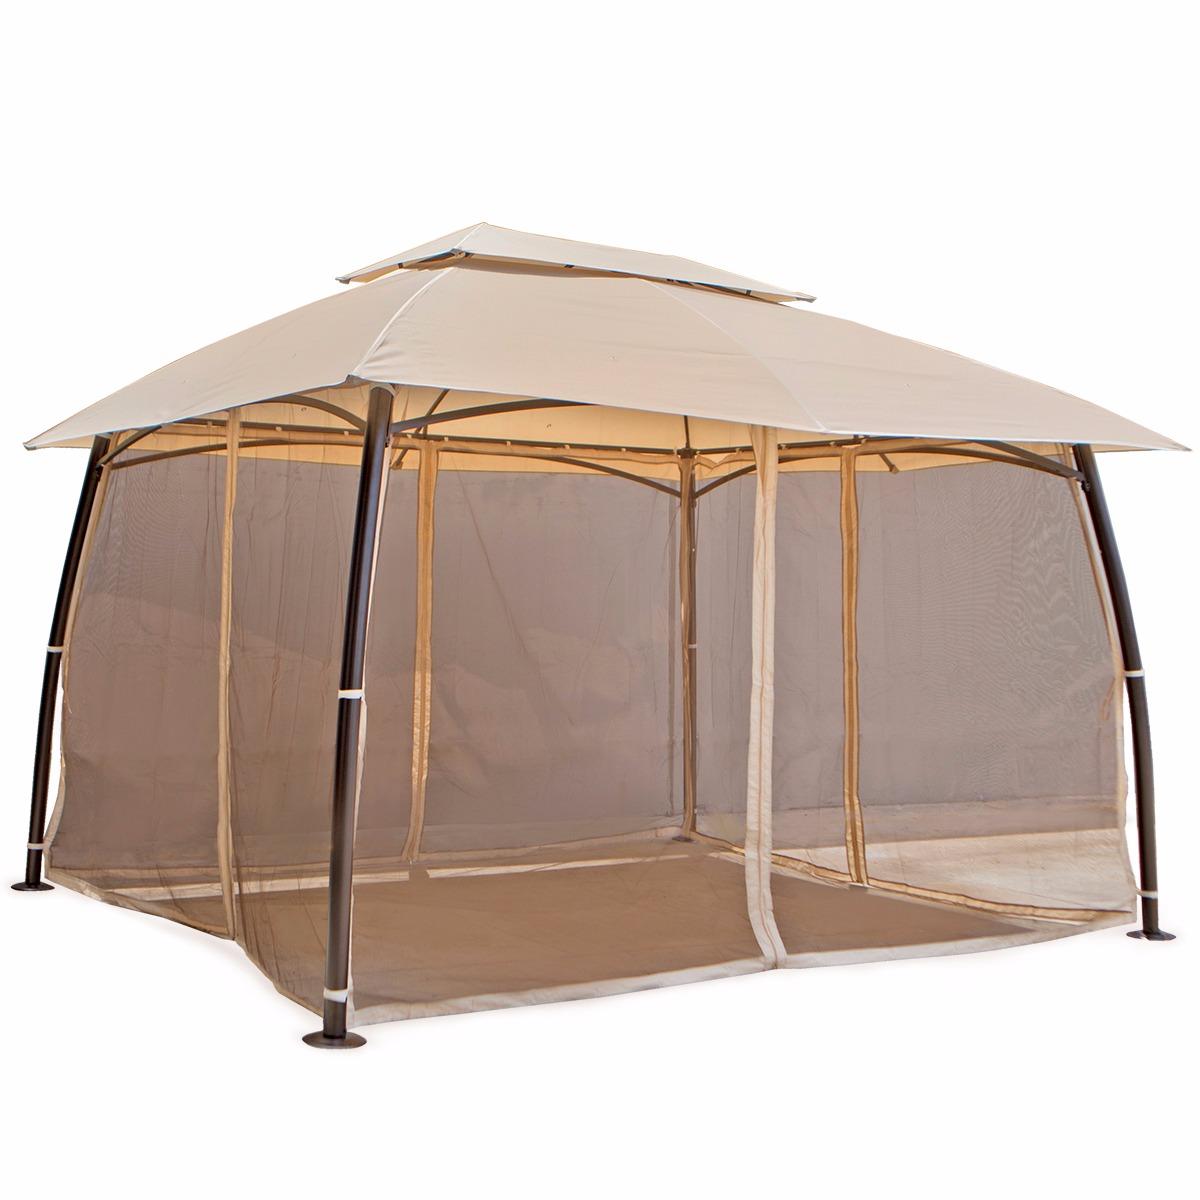 outdoor home 10u0027 x 13u0027 backyard garden awnings Patio Gazebo canopy tent netting  sc 1 st  eBay & outdoor home 10u0027 x 13u0027 backyard garden awnings Patio Gazebo canopy ...